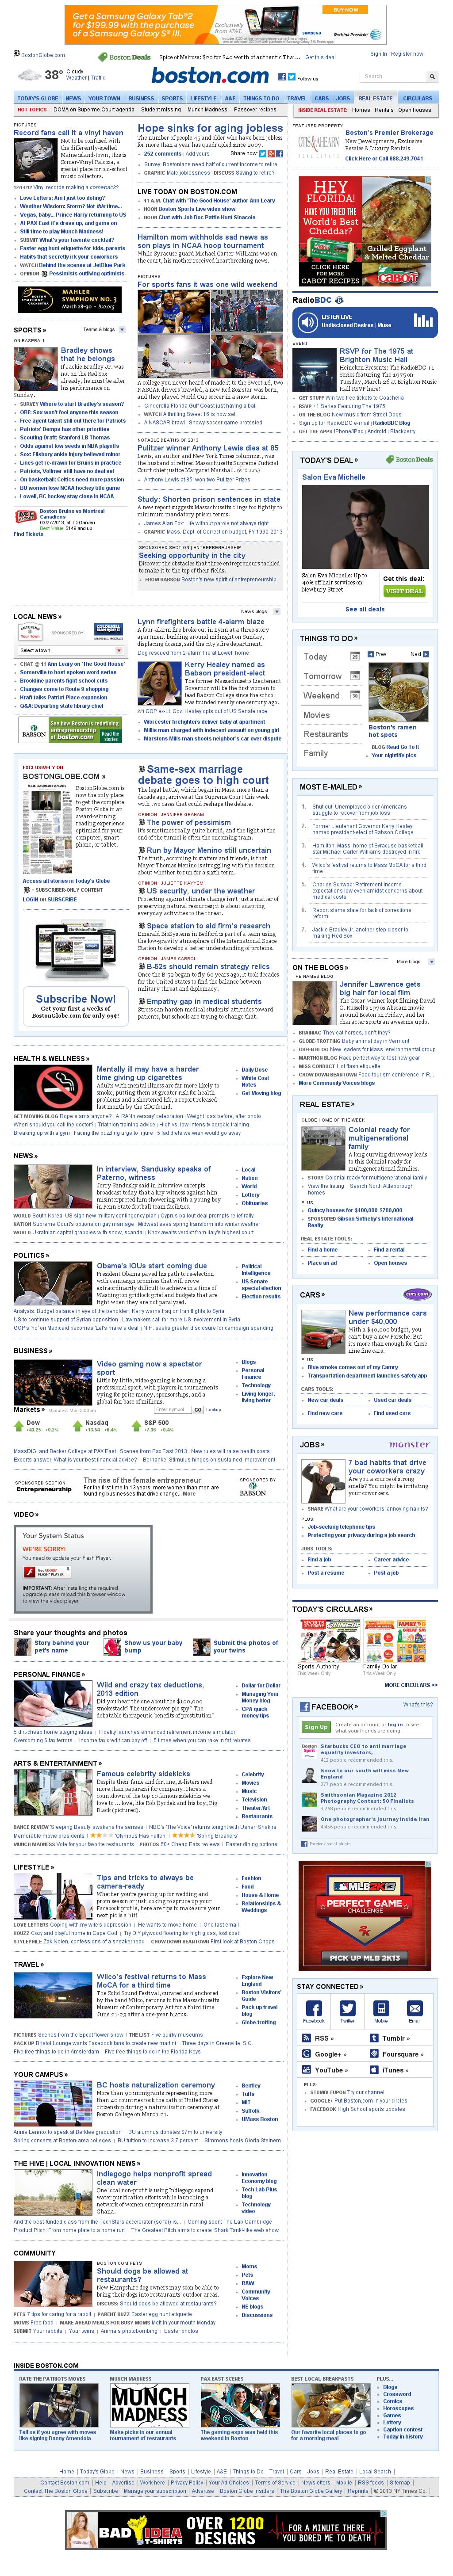 Boston.com at Monday March 25, 2013, 2:10 p.m. UTC